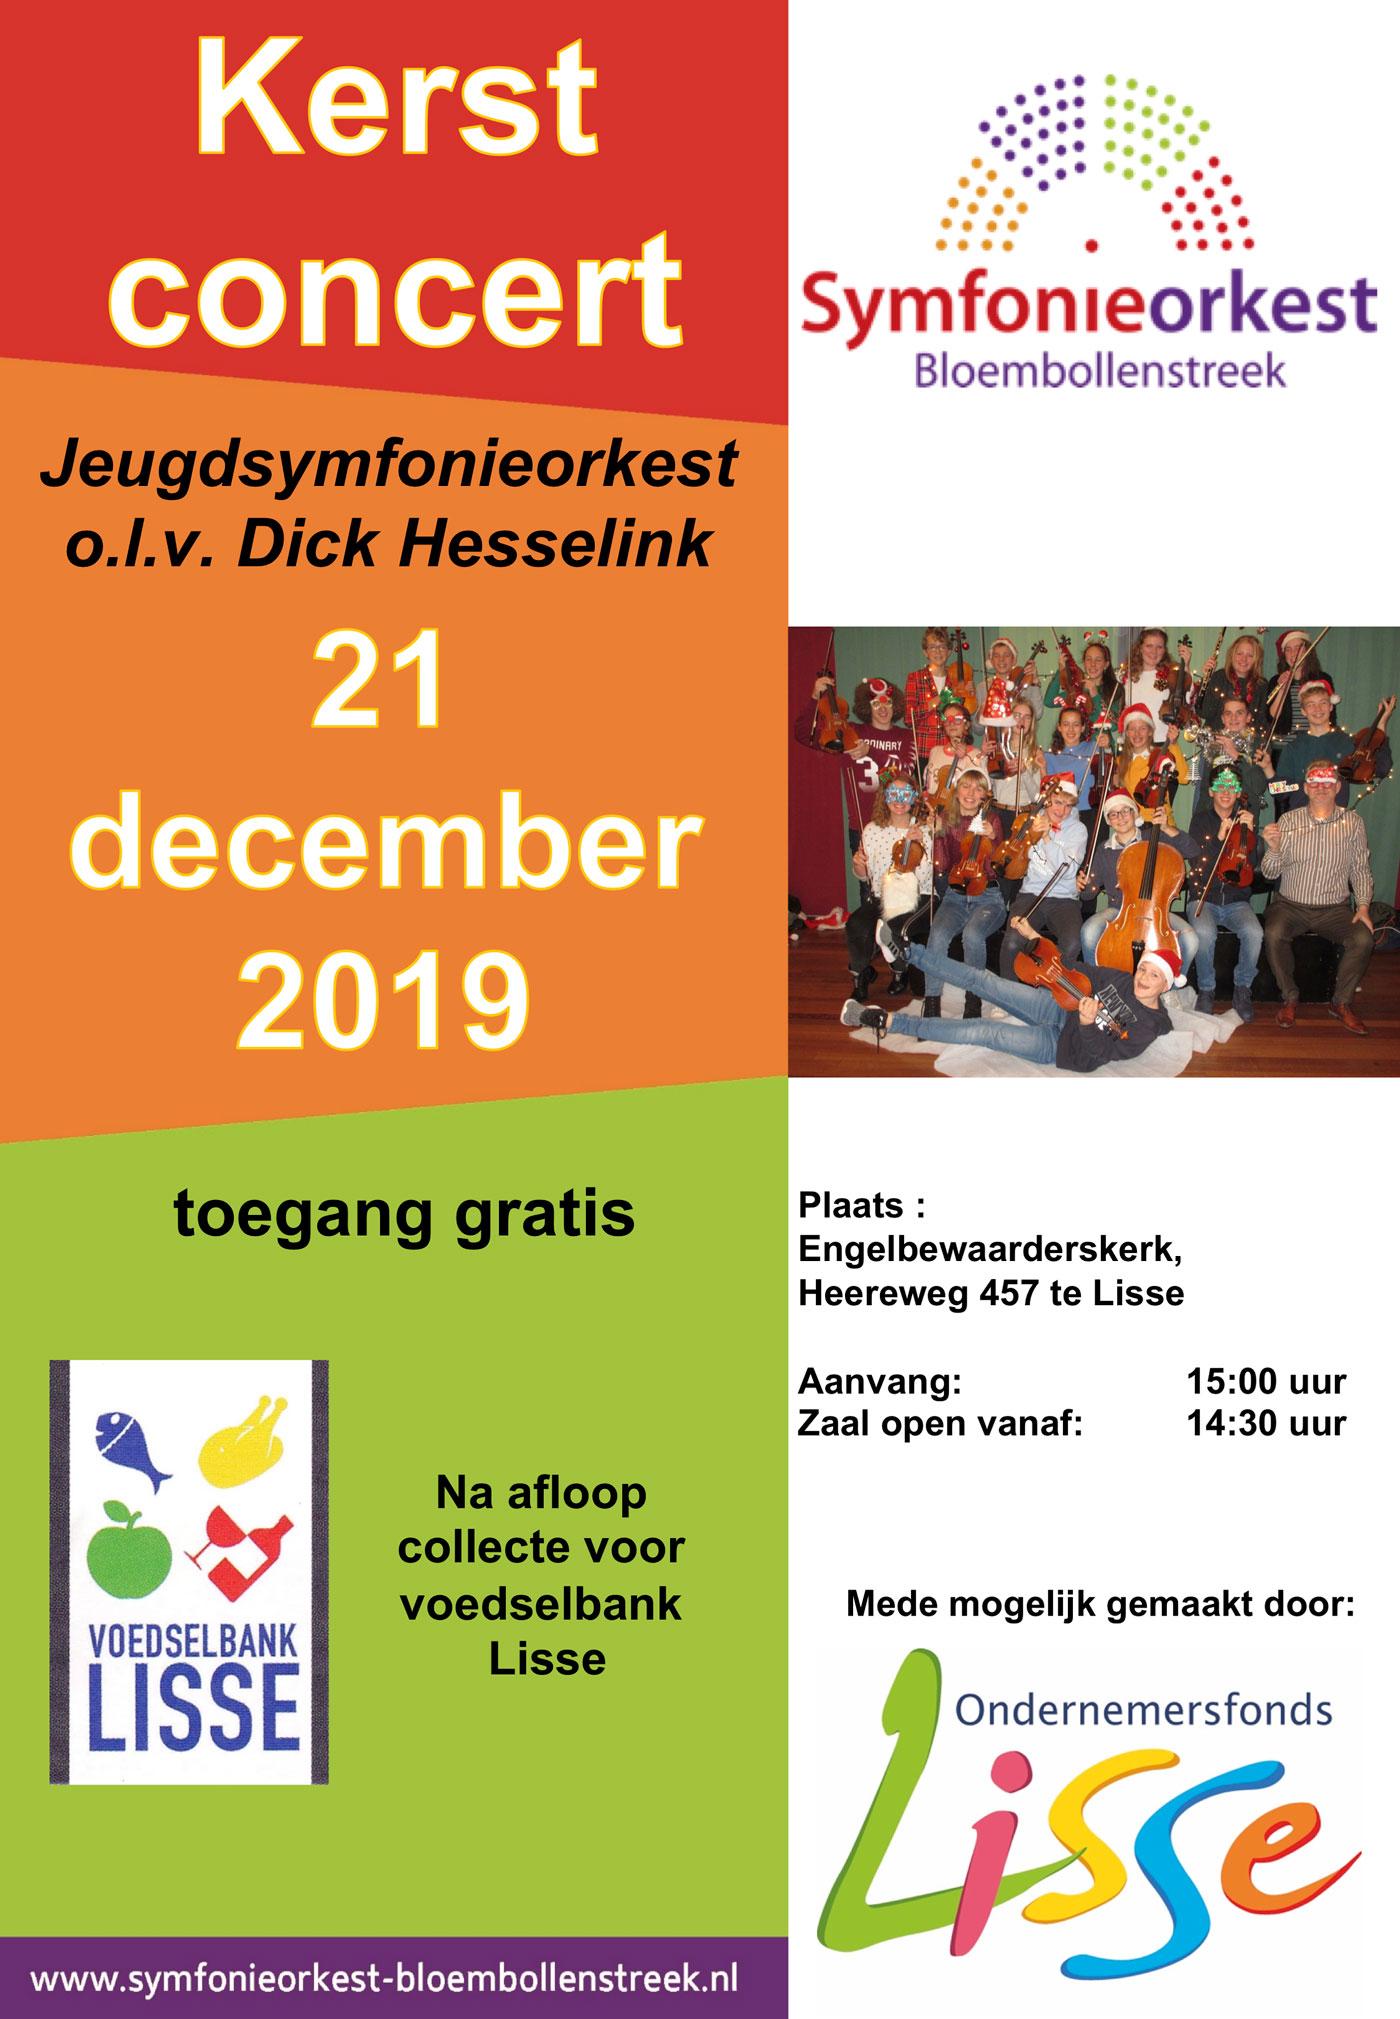 2019 12 21 Poster Kerstconcert Jo Symfonieorkest Bloembollenstreek